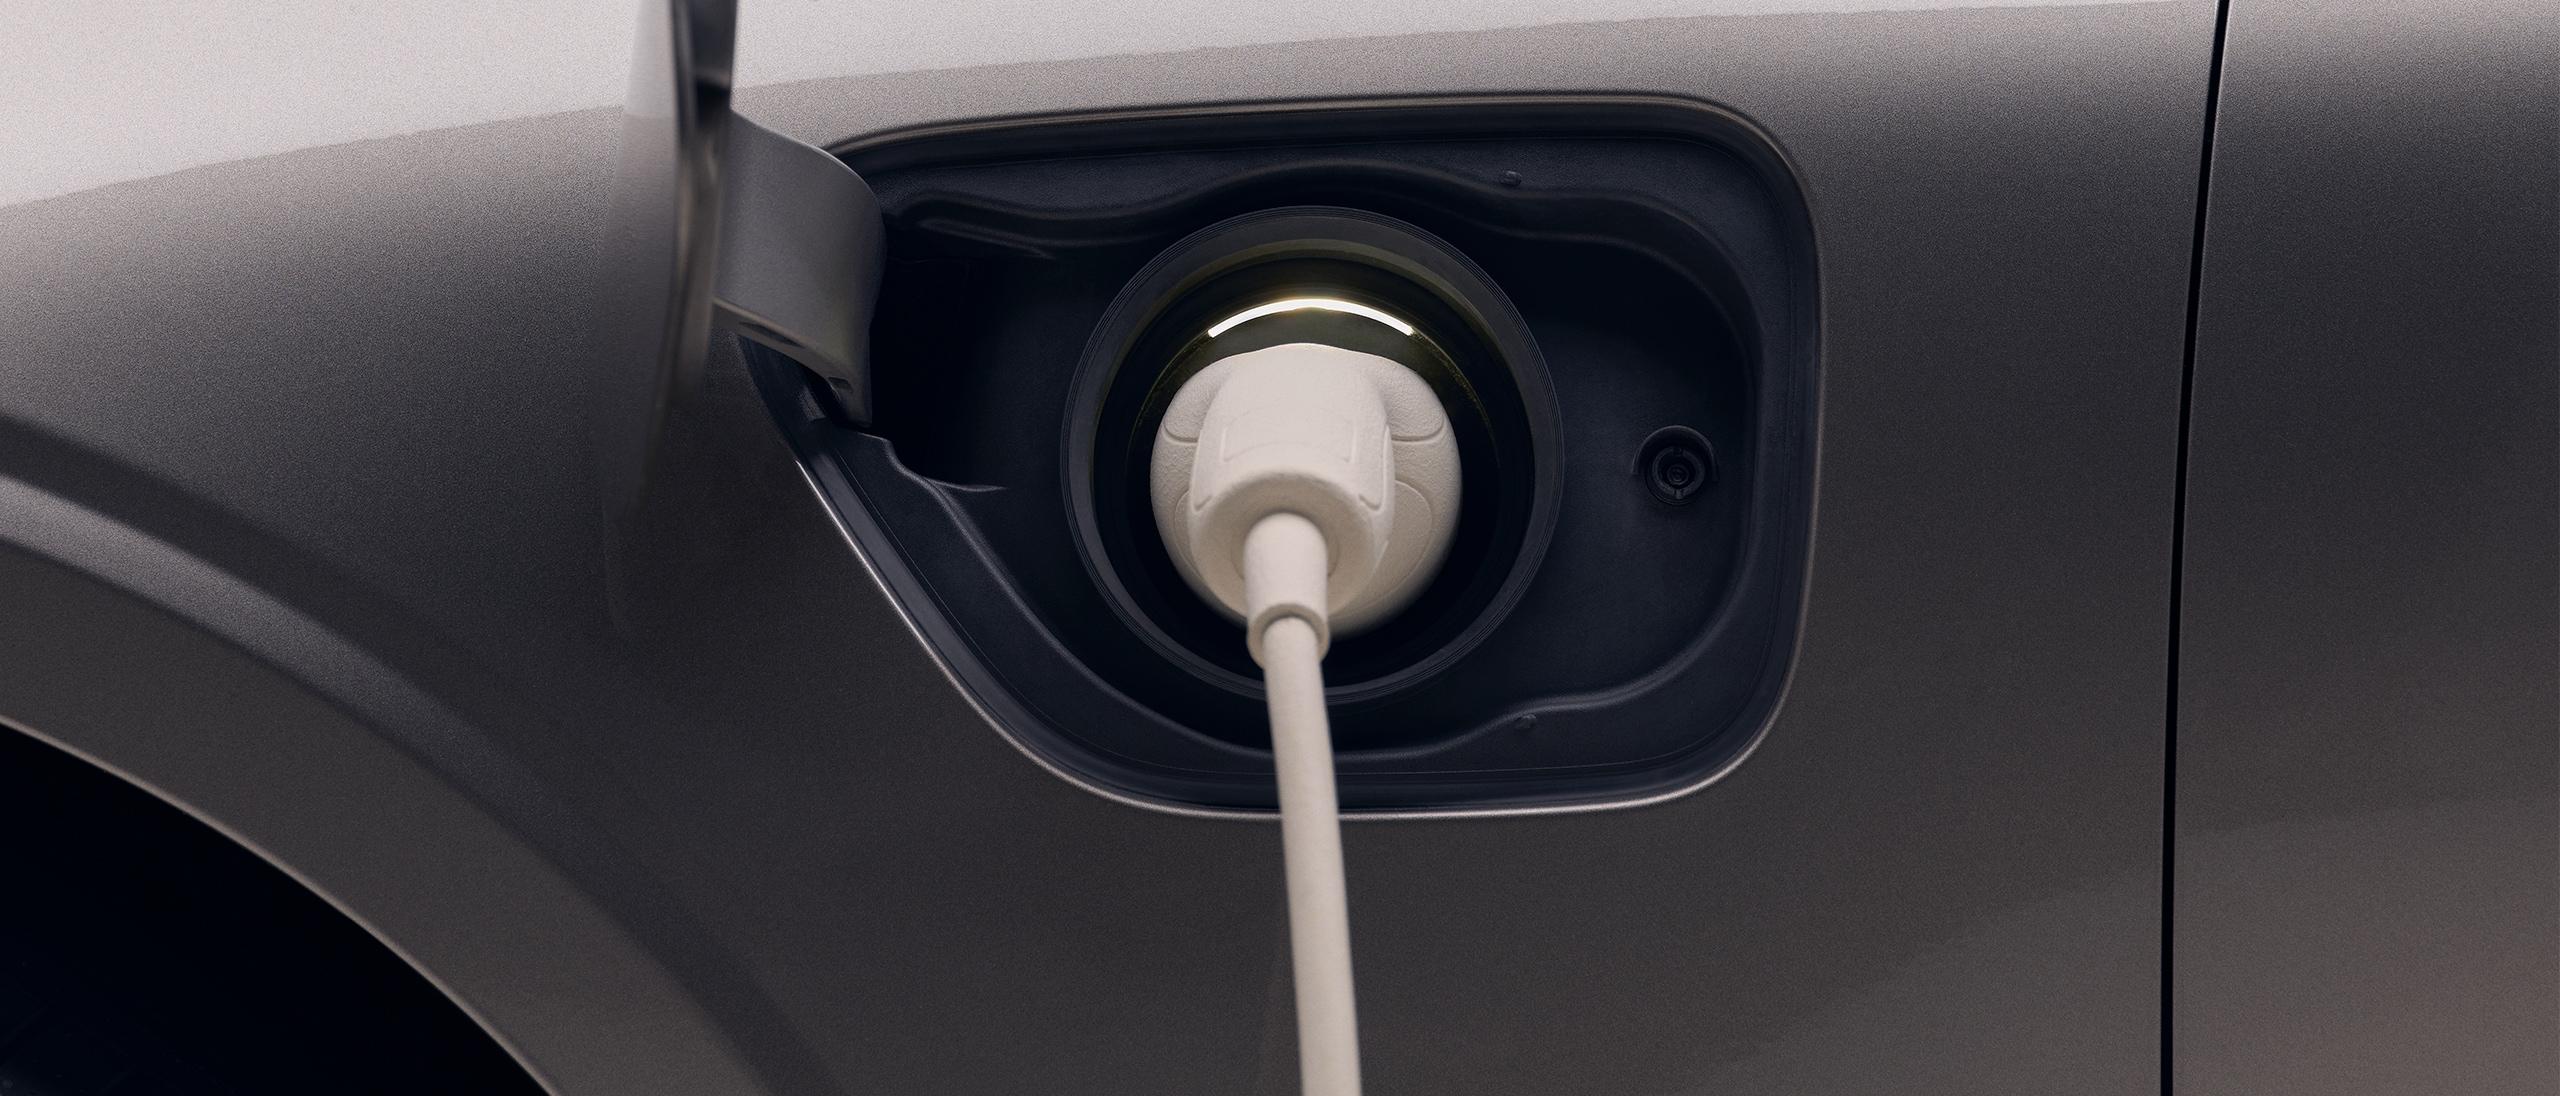 Крупный план, вид спереди слева на серый Volvo с белым кабелем зарядки, вставленным в зарядный порт автомобиля.